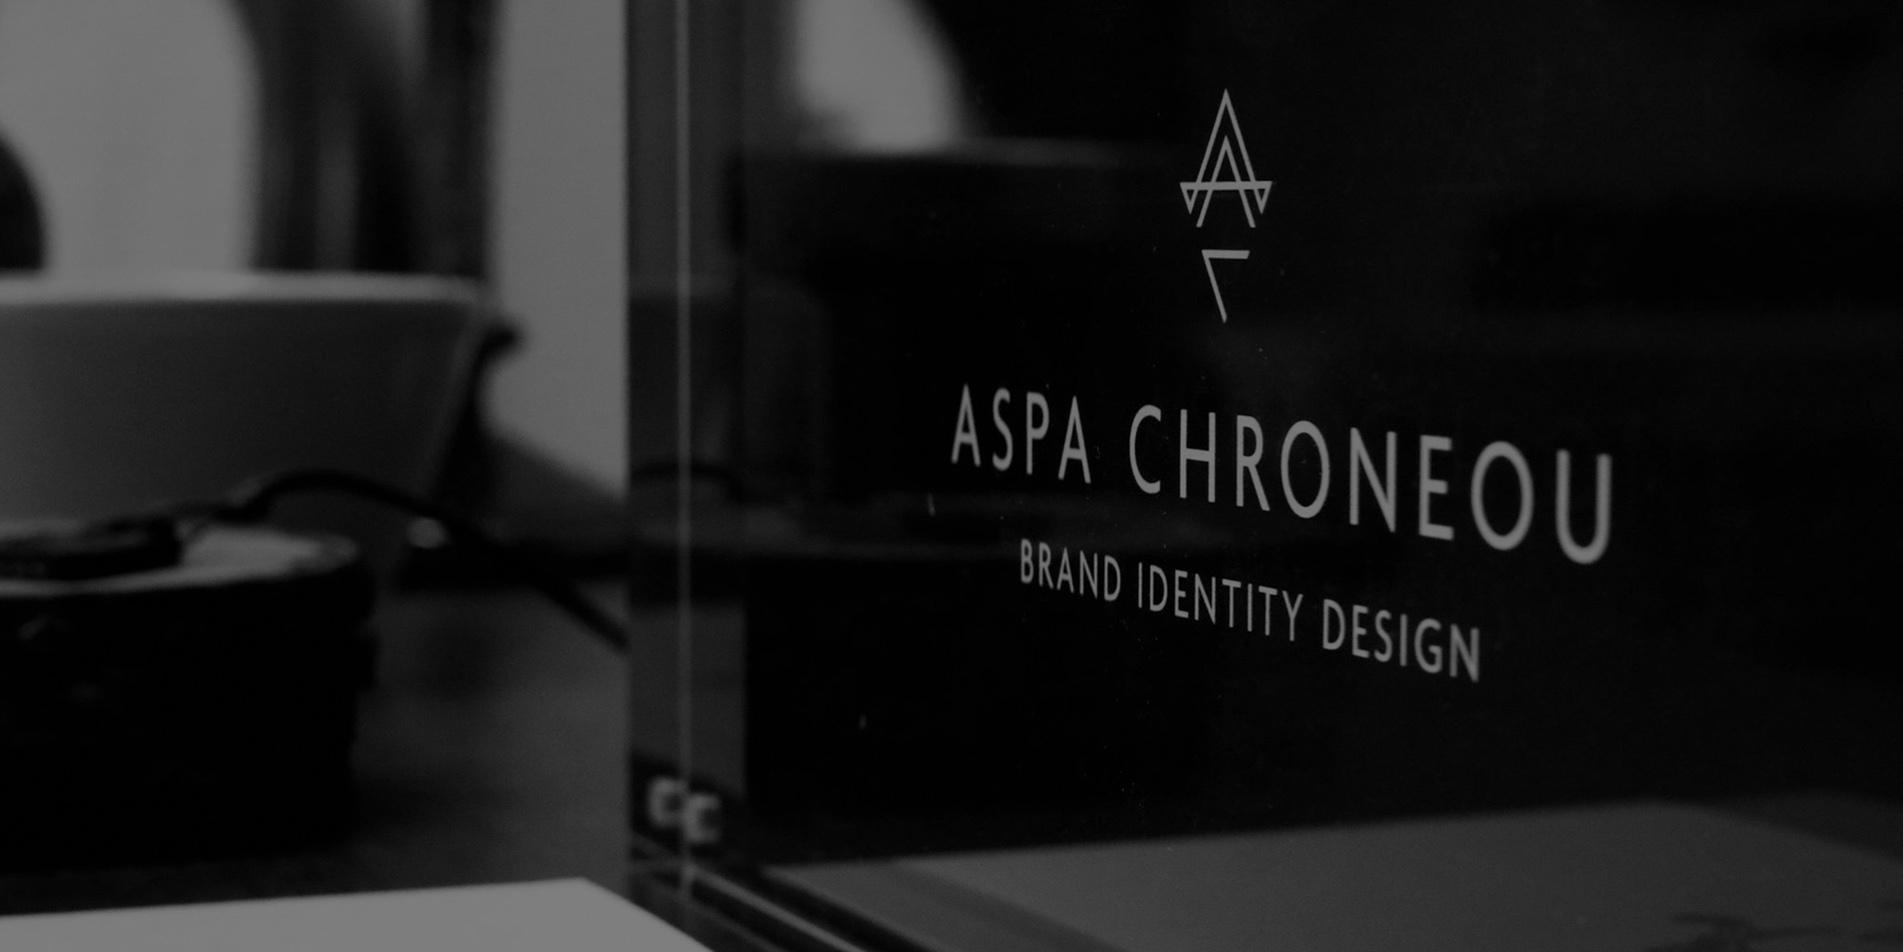 Aspa Chroneou